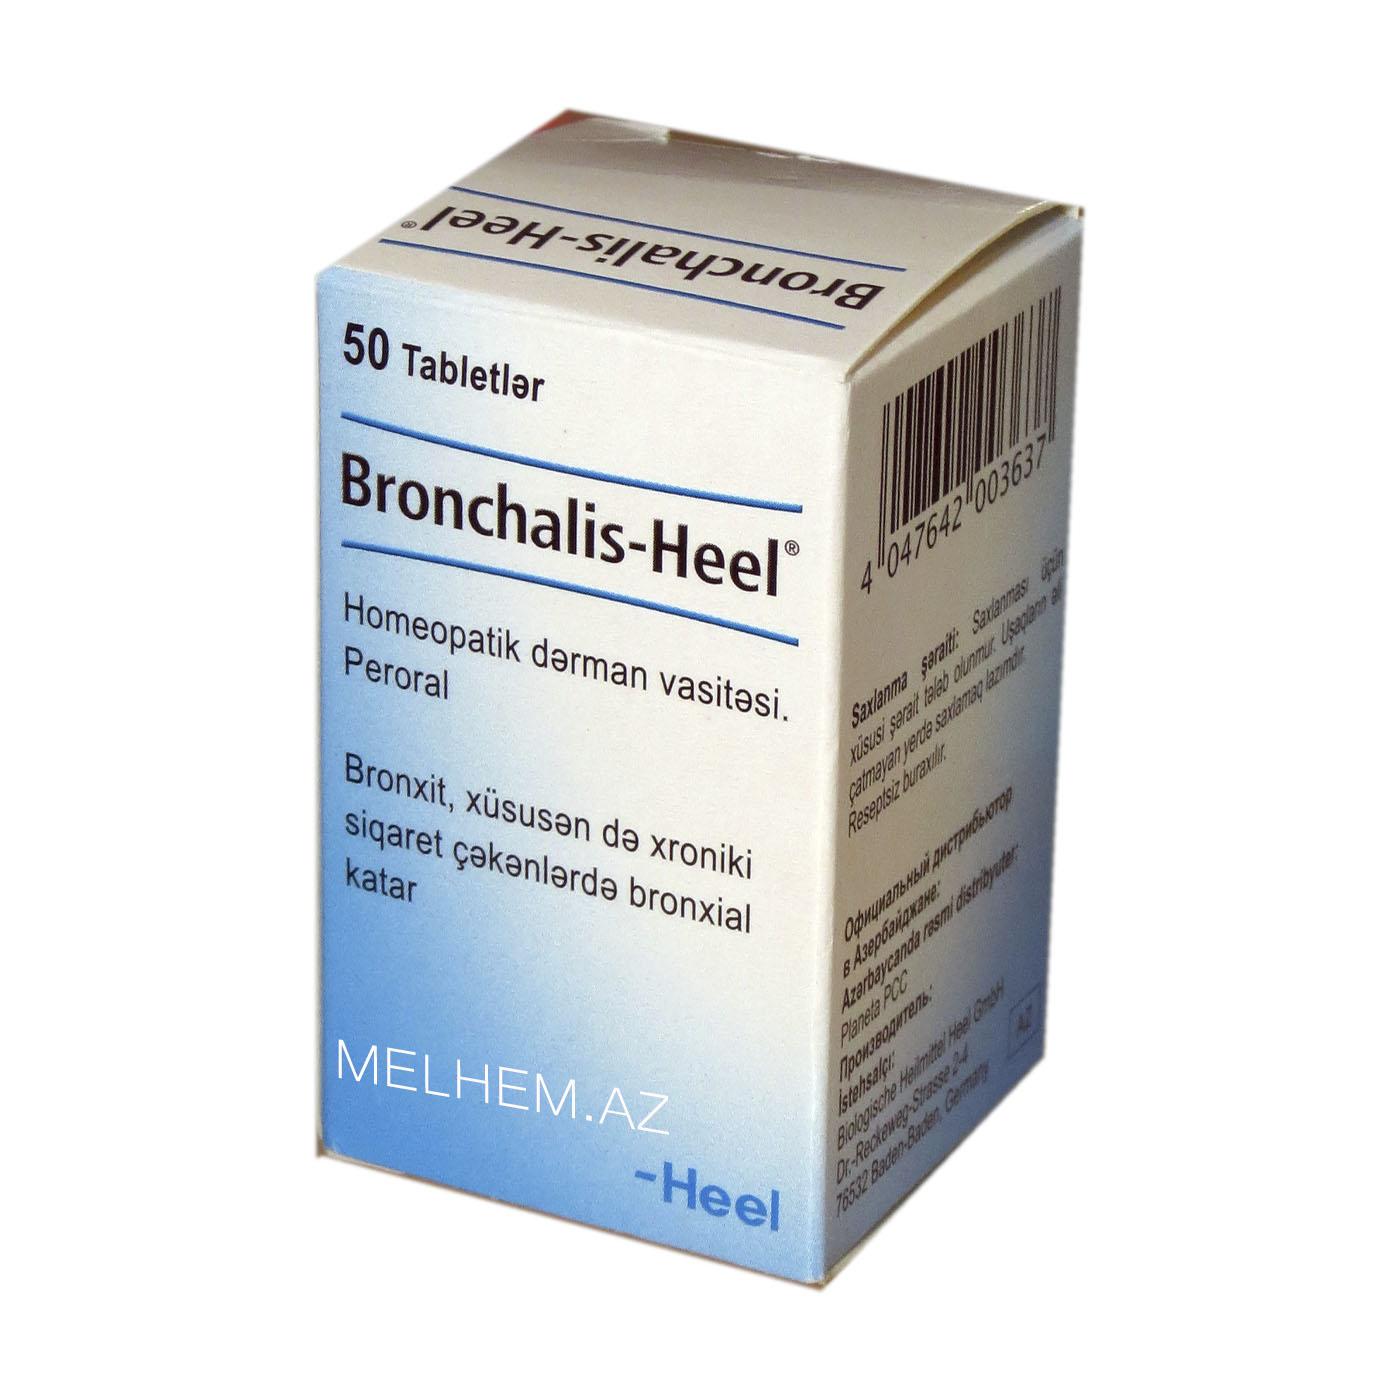 BRONCHALİS-HEEL  -  BRONXALİS-HEEL N50